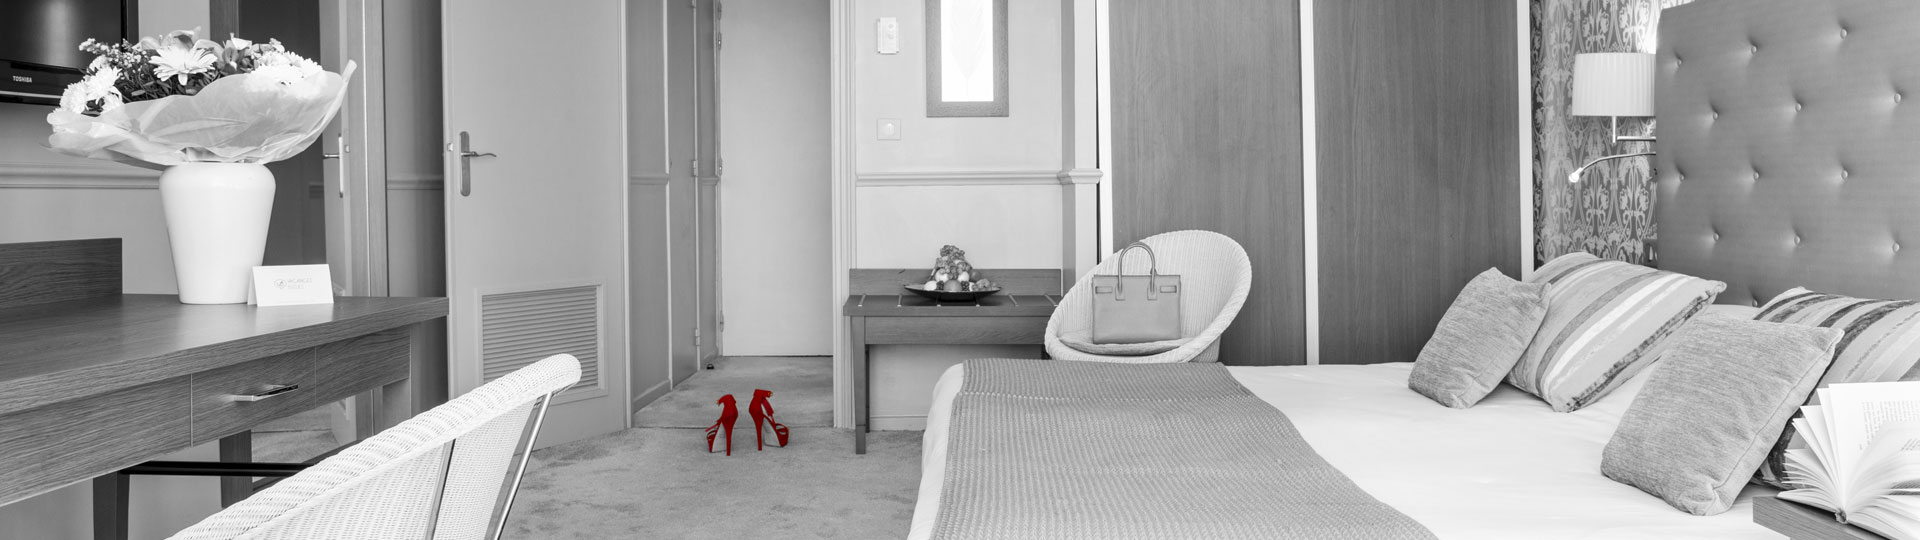 Chambre double, twin en noir et blanc de l'hôtel Le Royal à Nice